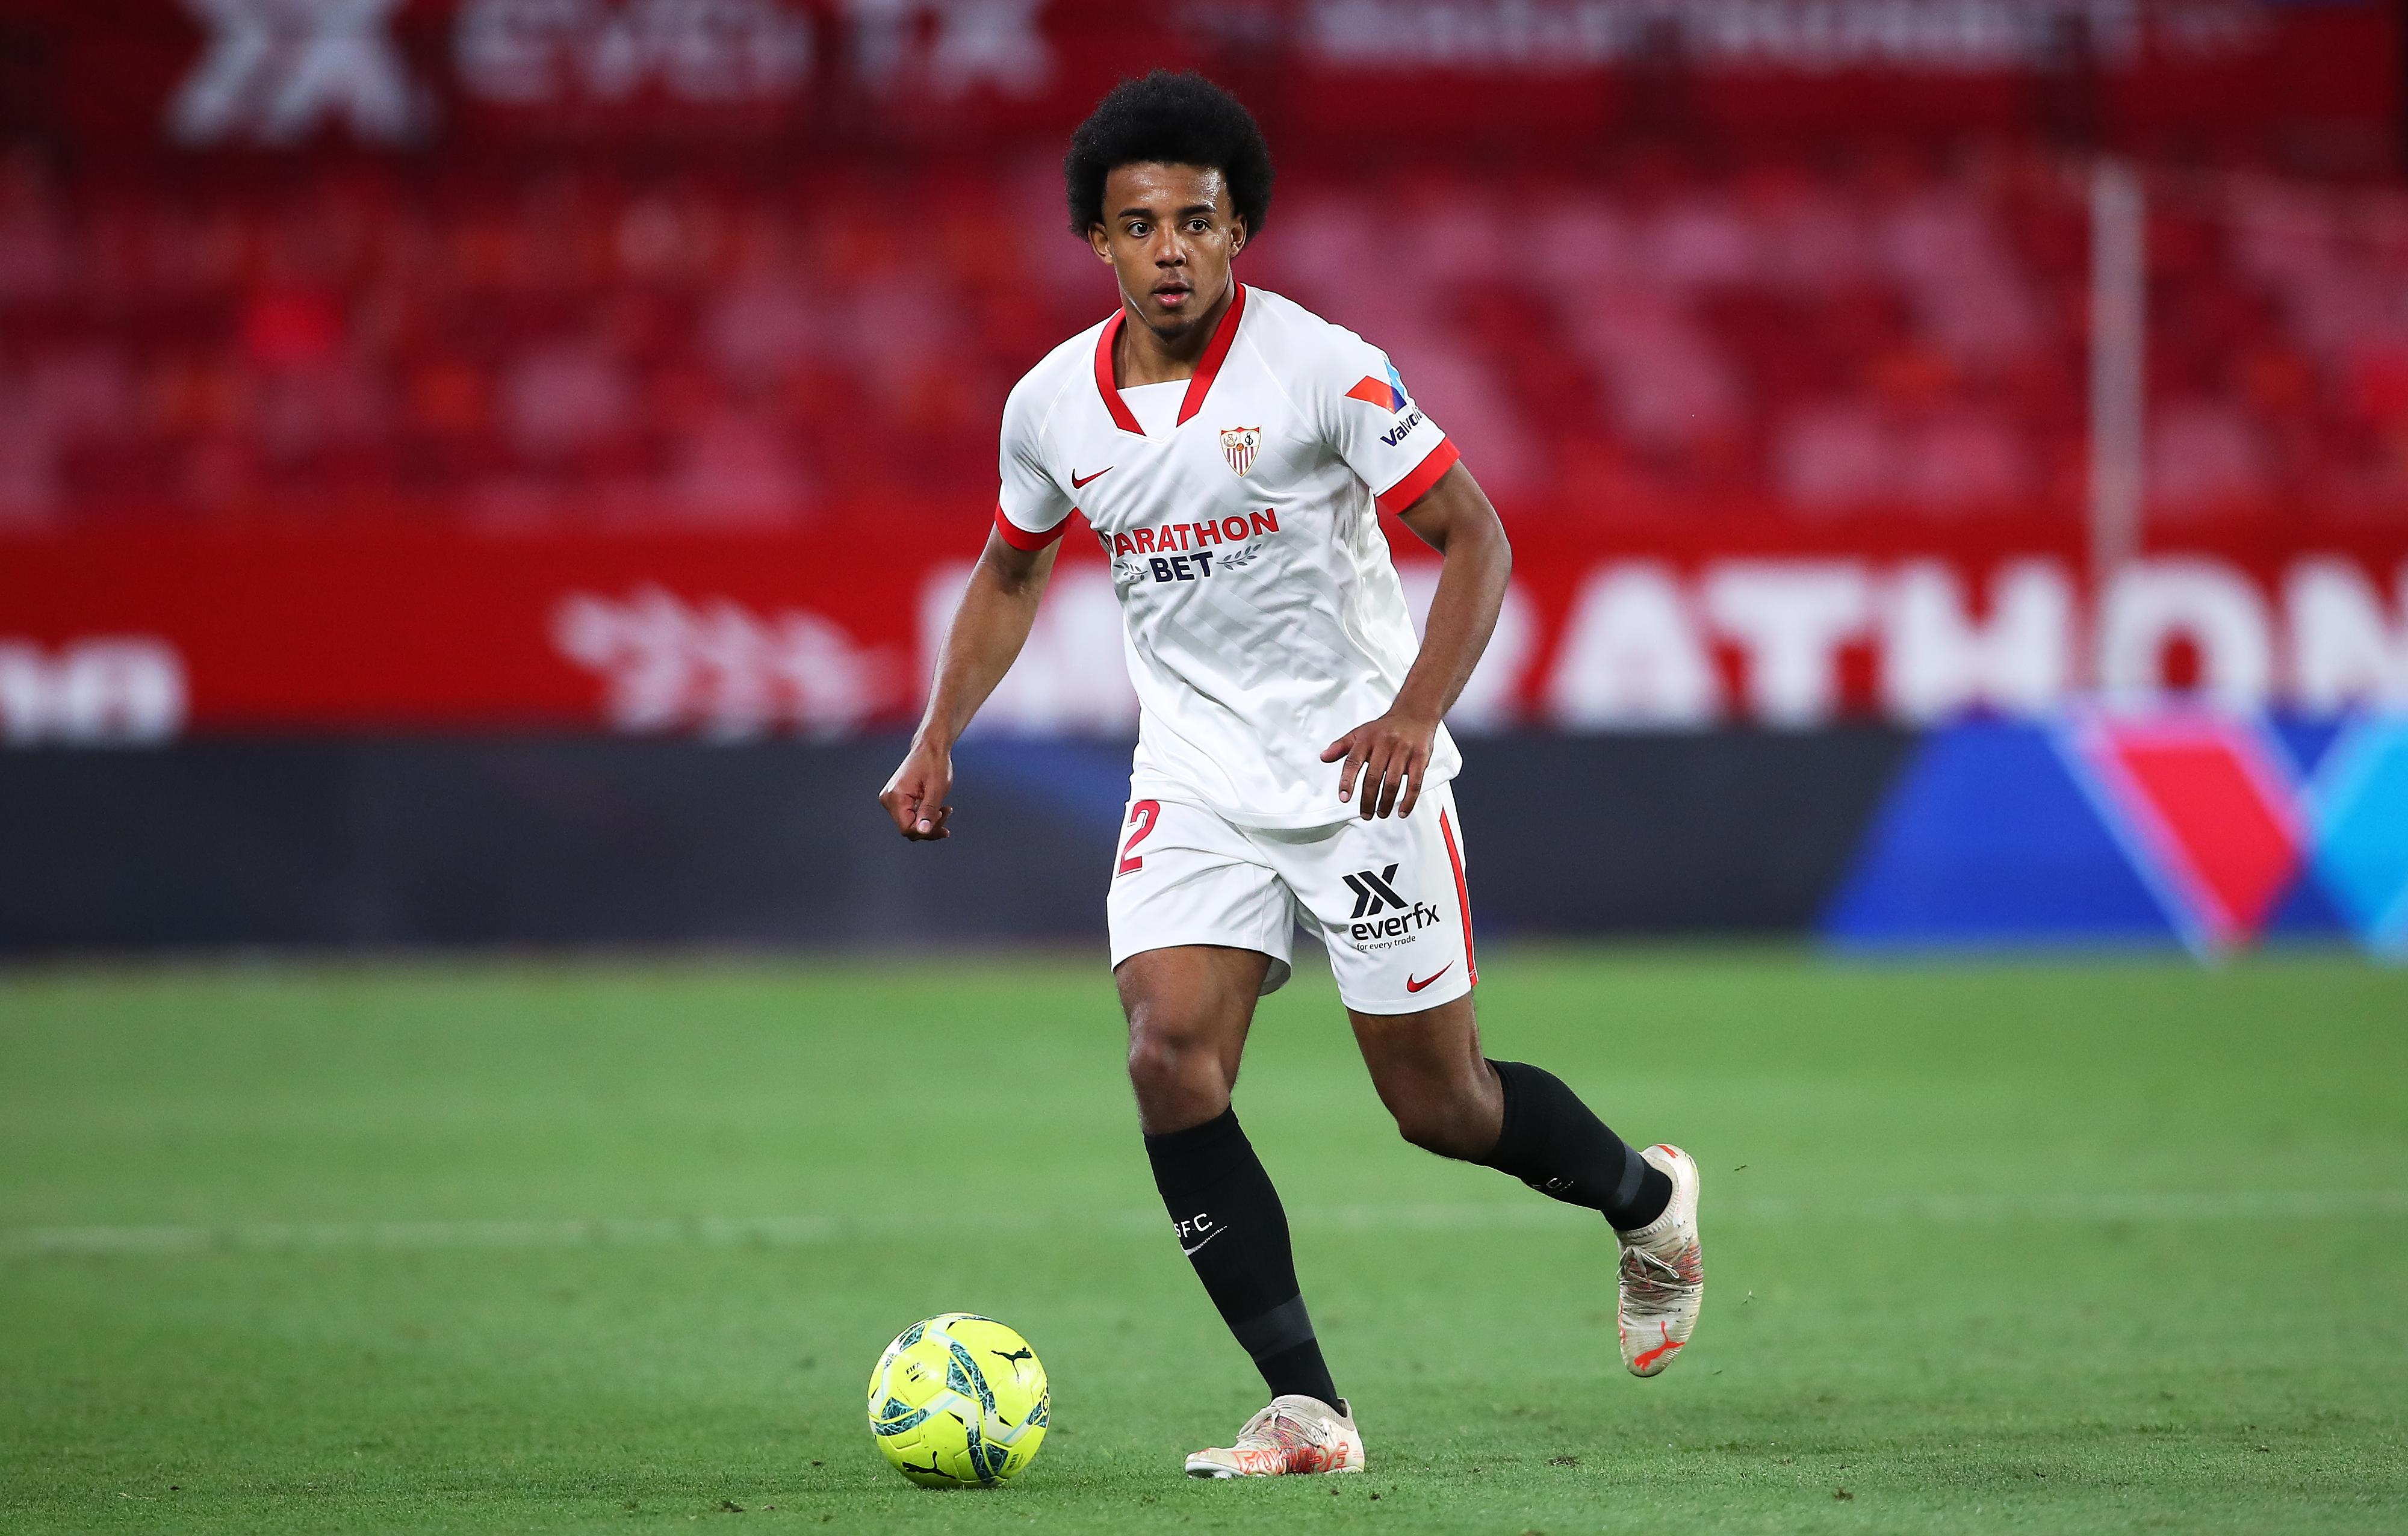 Sevilla FC v Deportivo Alavés - La Liga Santander